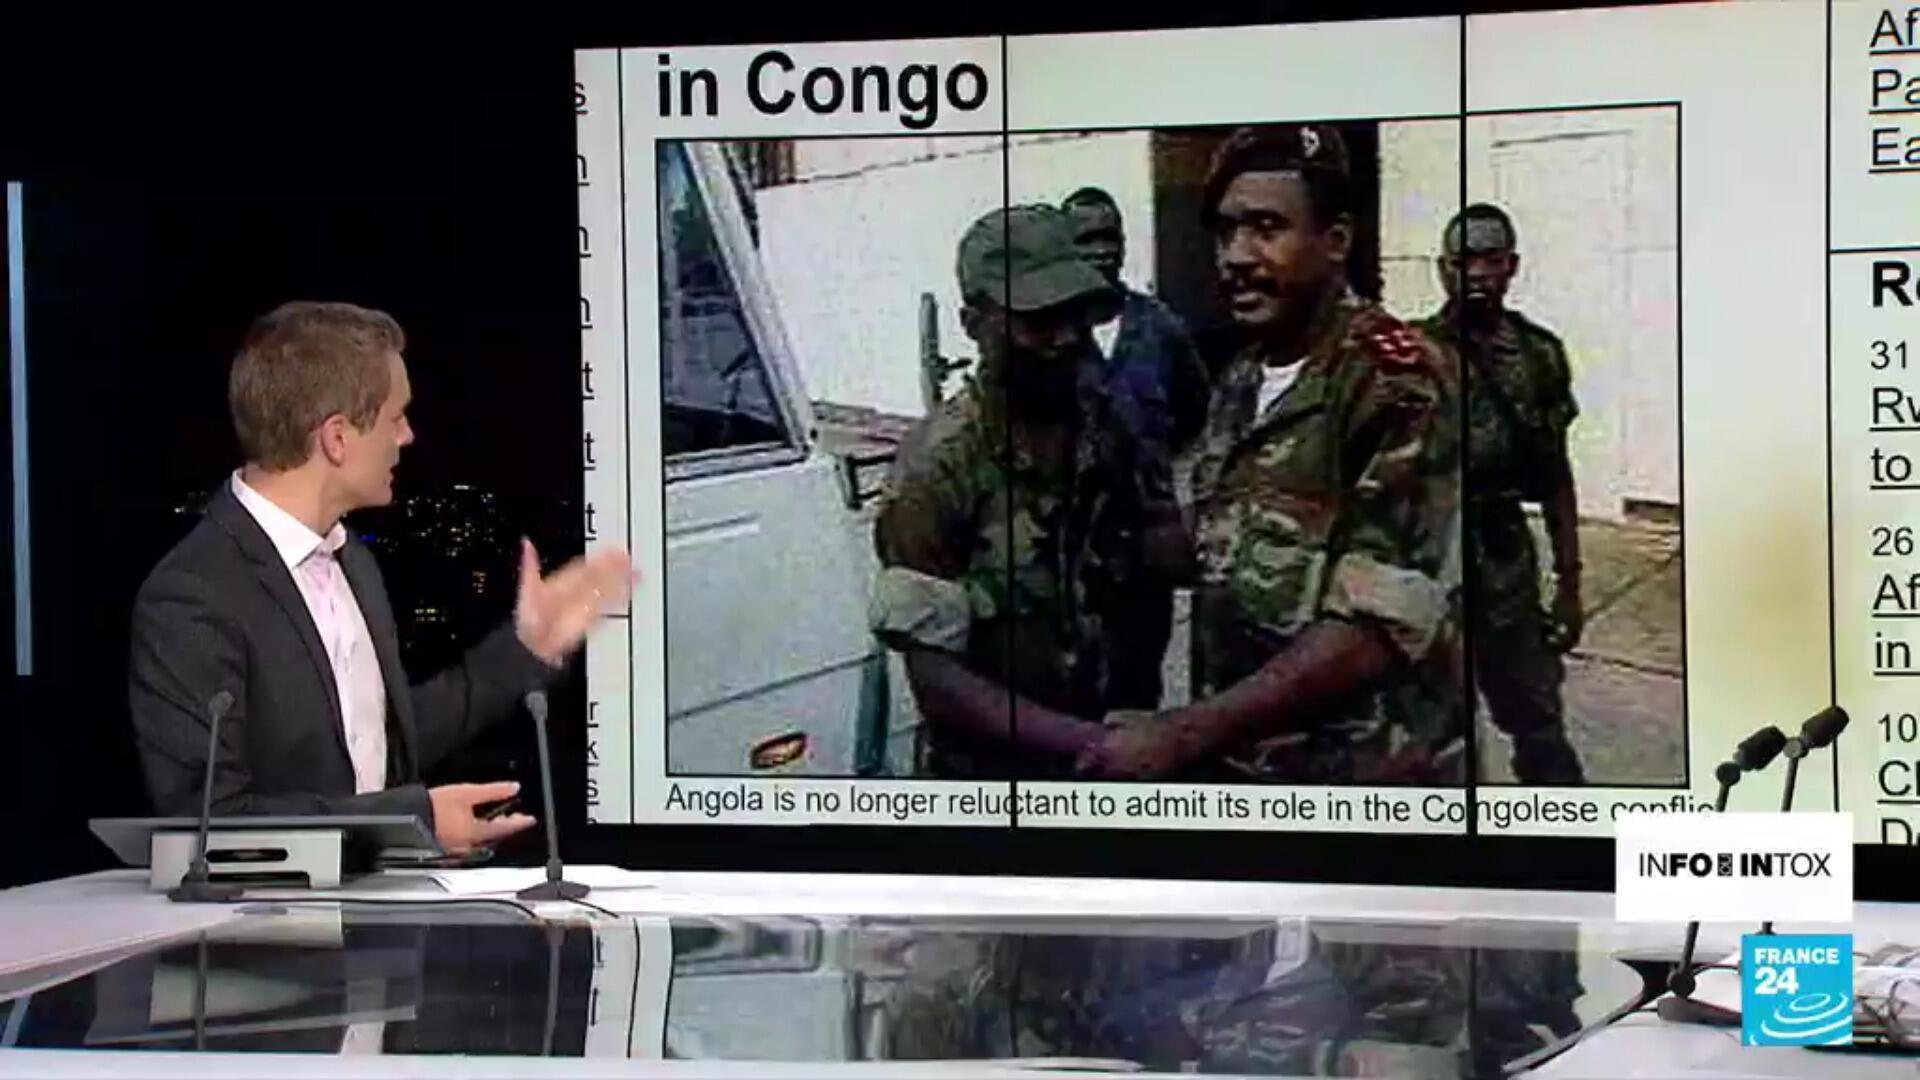 Alpha Condé et Joseph Kabila : Deux anciens présidents rattrapés par les infox